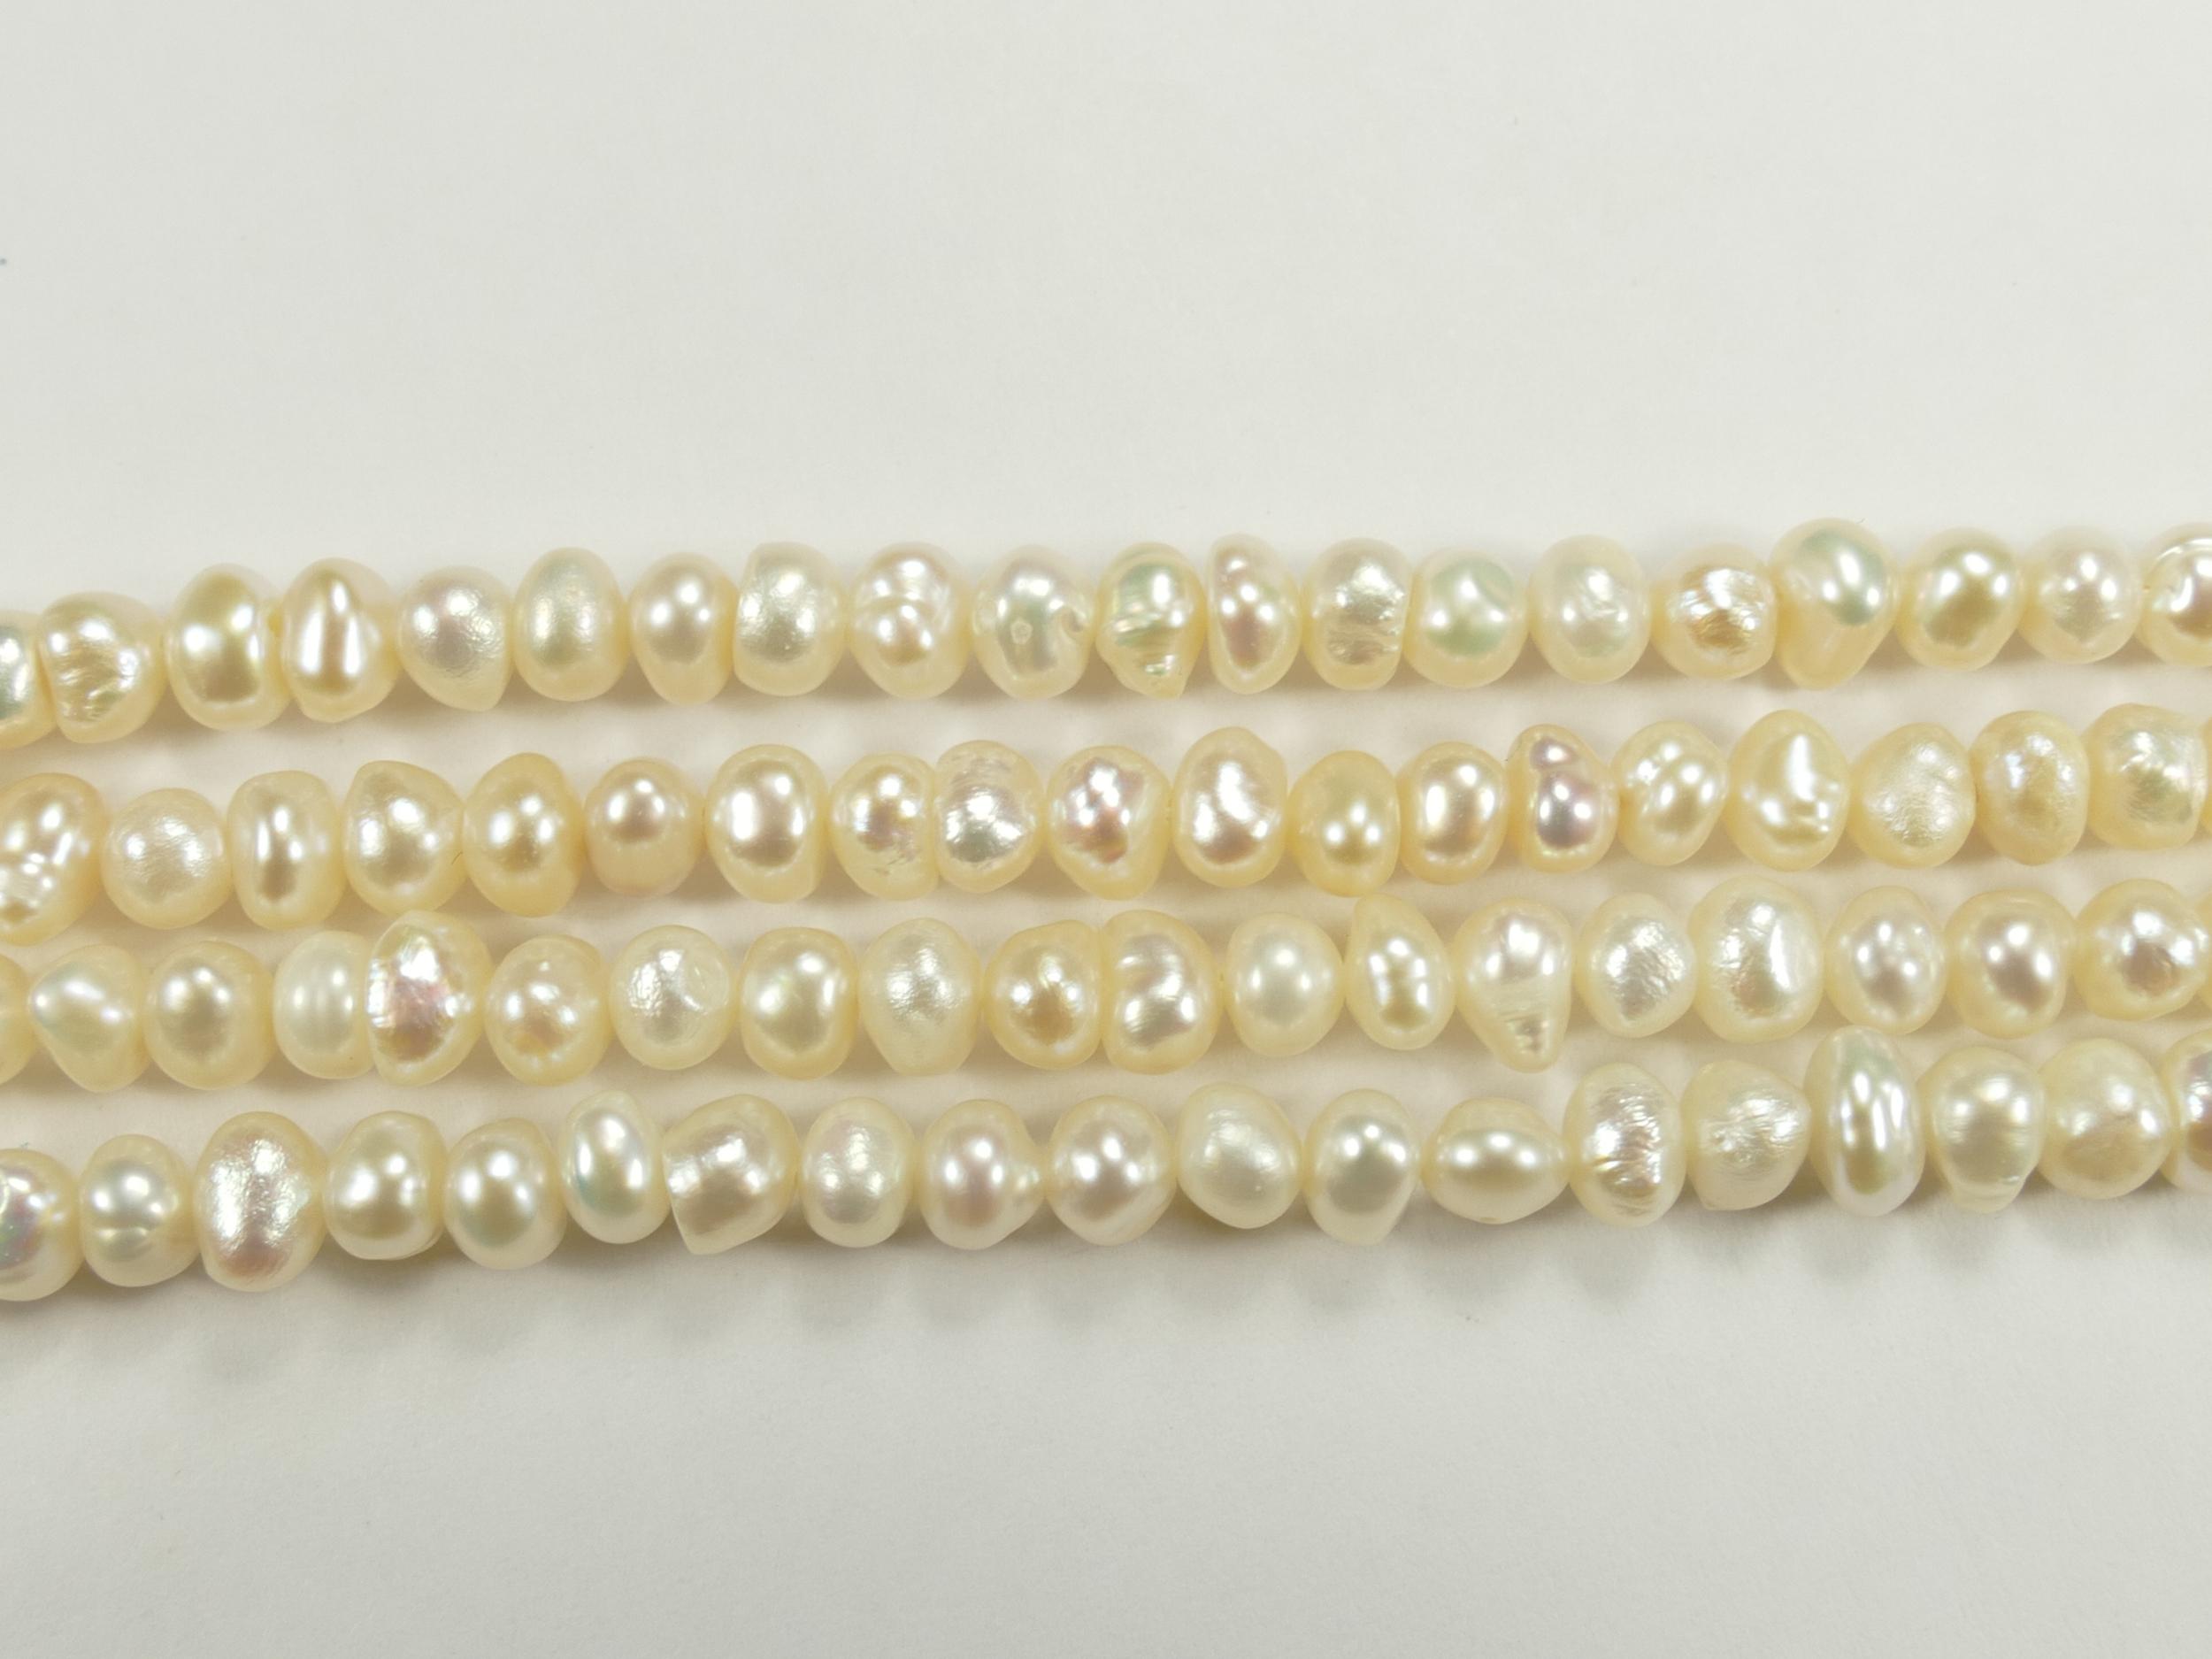 4.3/4.8mm Perle de culture couleur ivoire léger naturelle d\'eau douce patate x20cm (7.8inch) (#AC751)